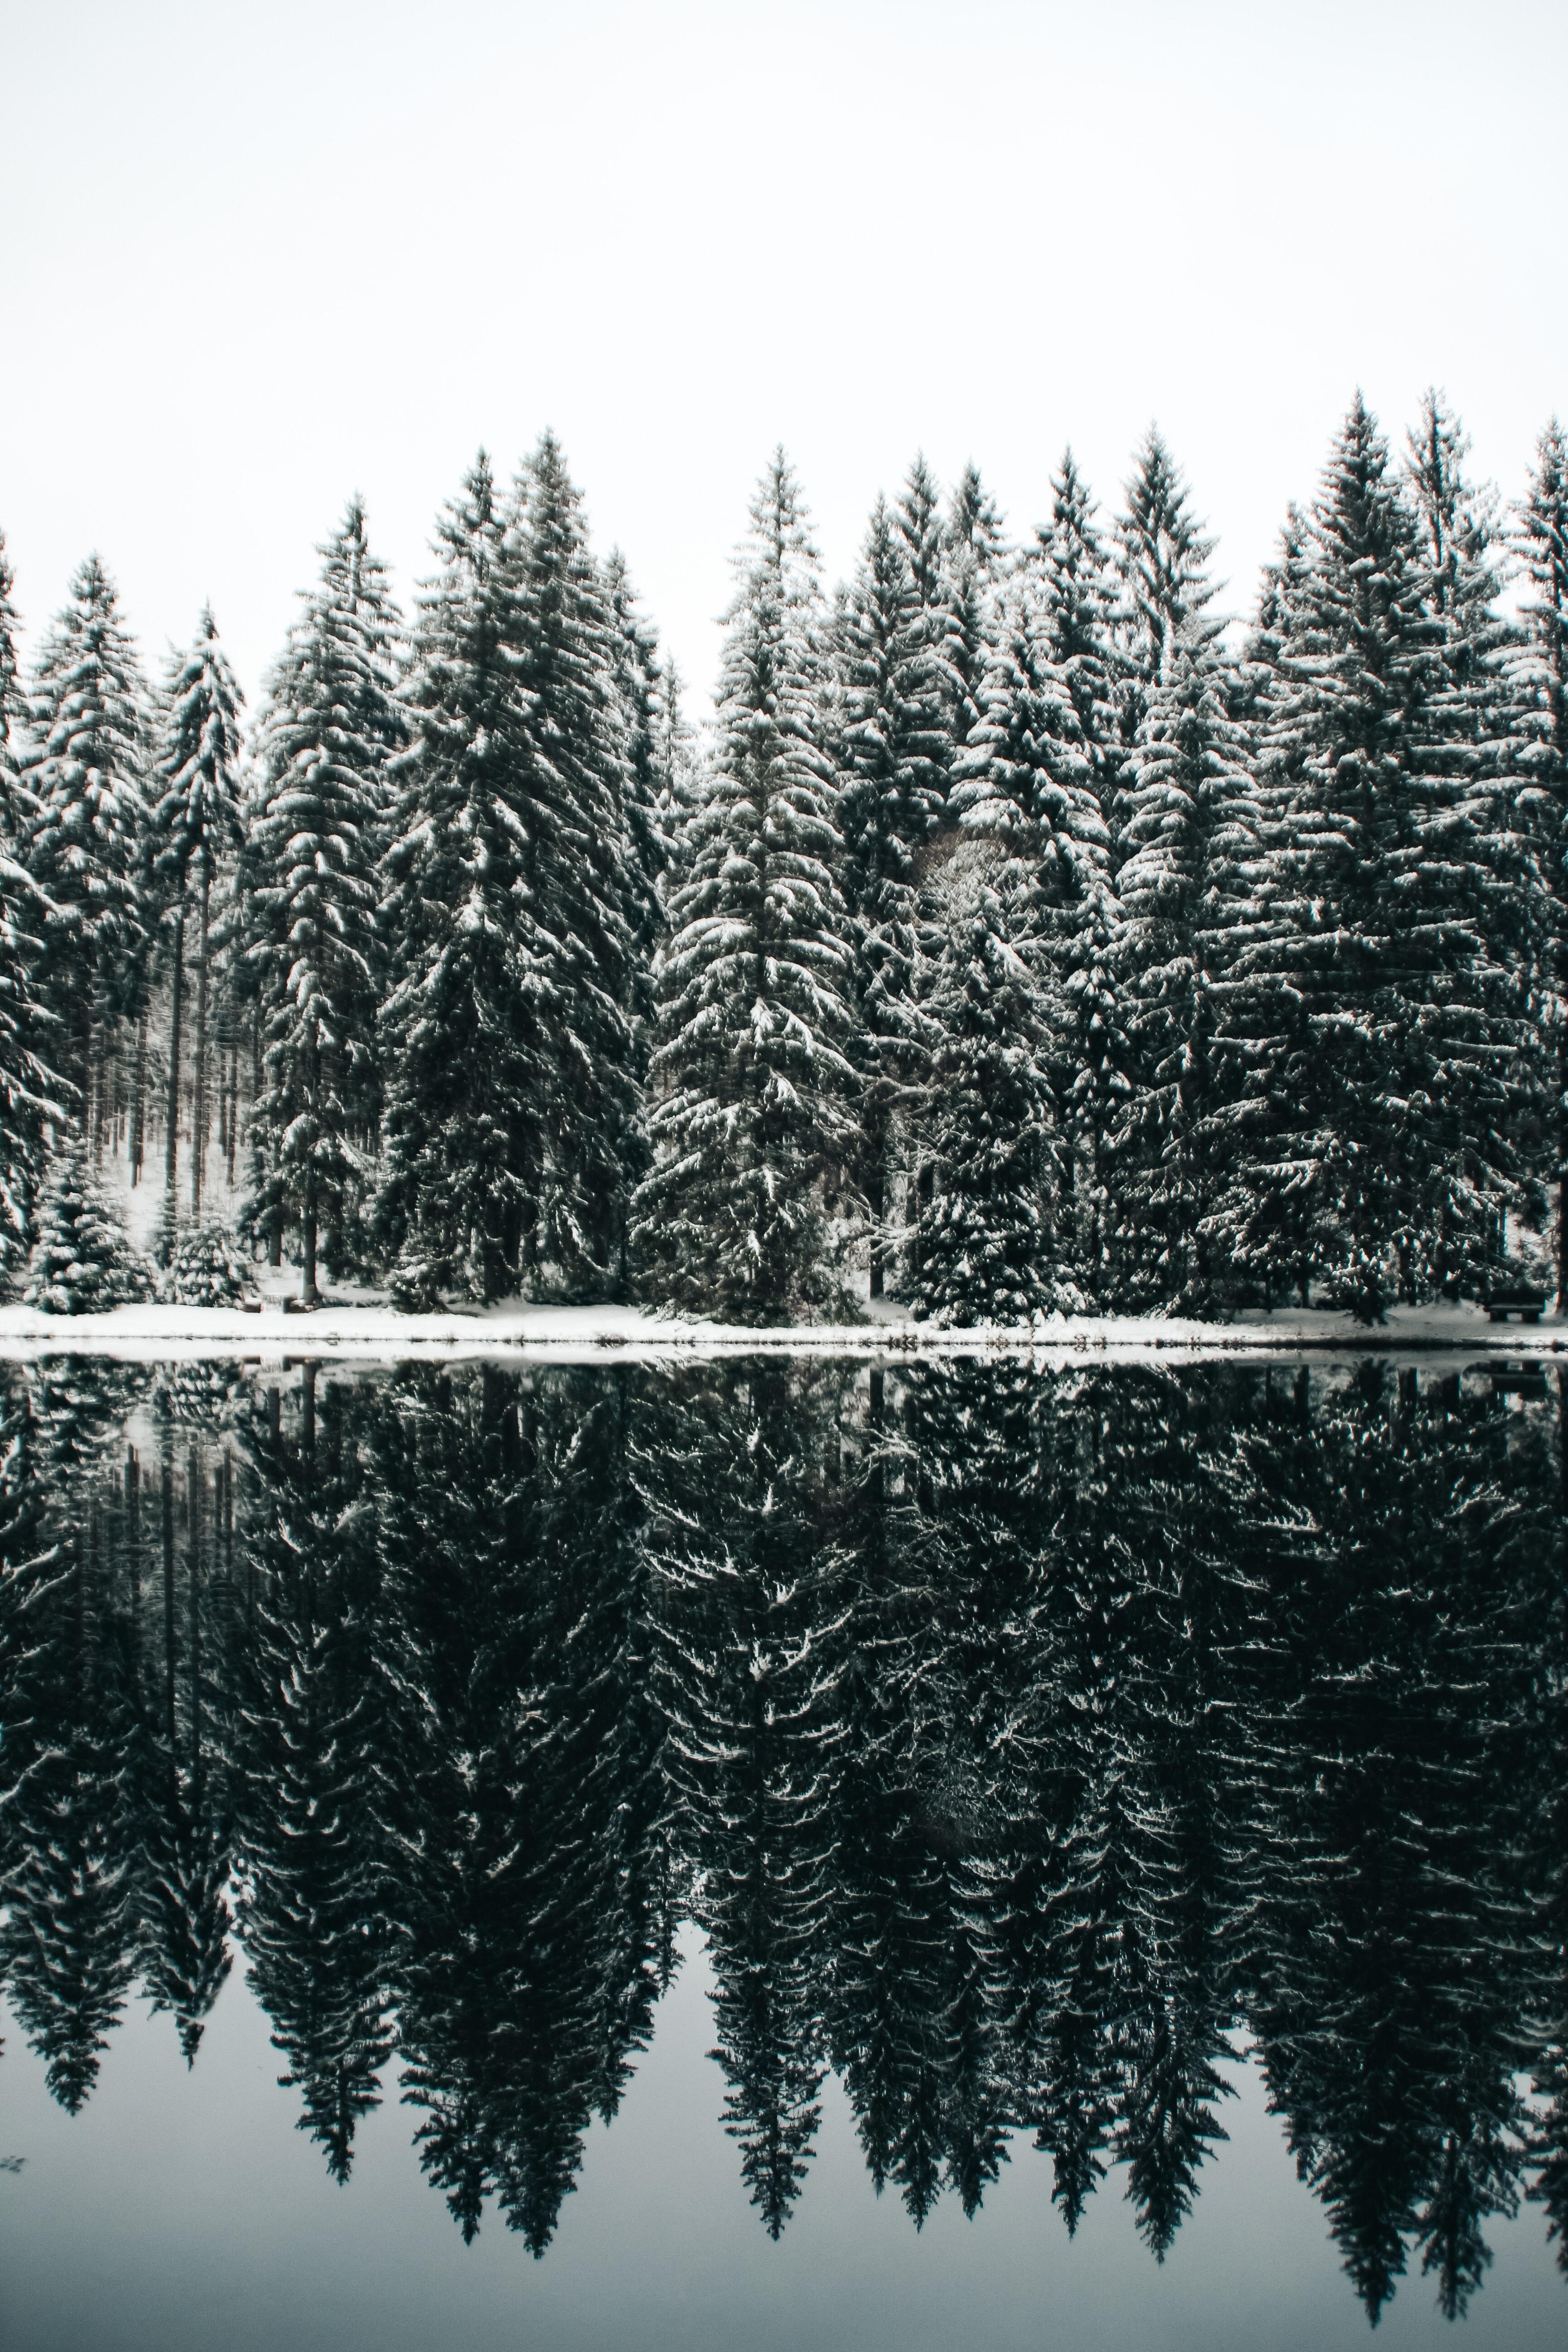 153996 скачать обои Природа, Деревья, Снег, Озеро, Отражение, Елки - заставки и картинки бесплатно